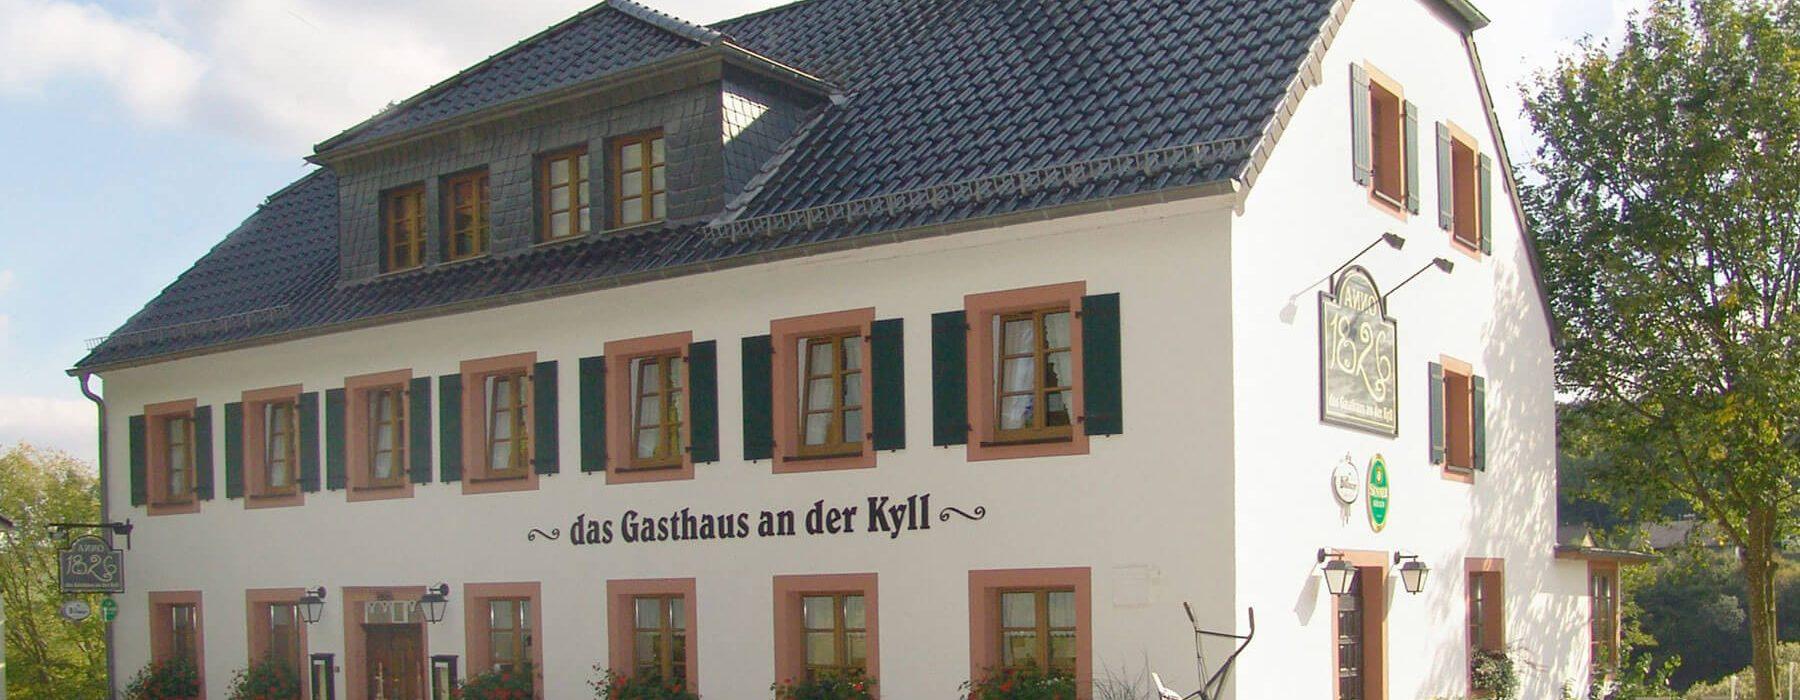 Außenaufnahme Gasthaus